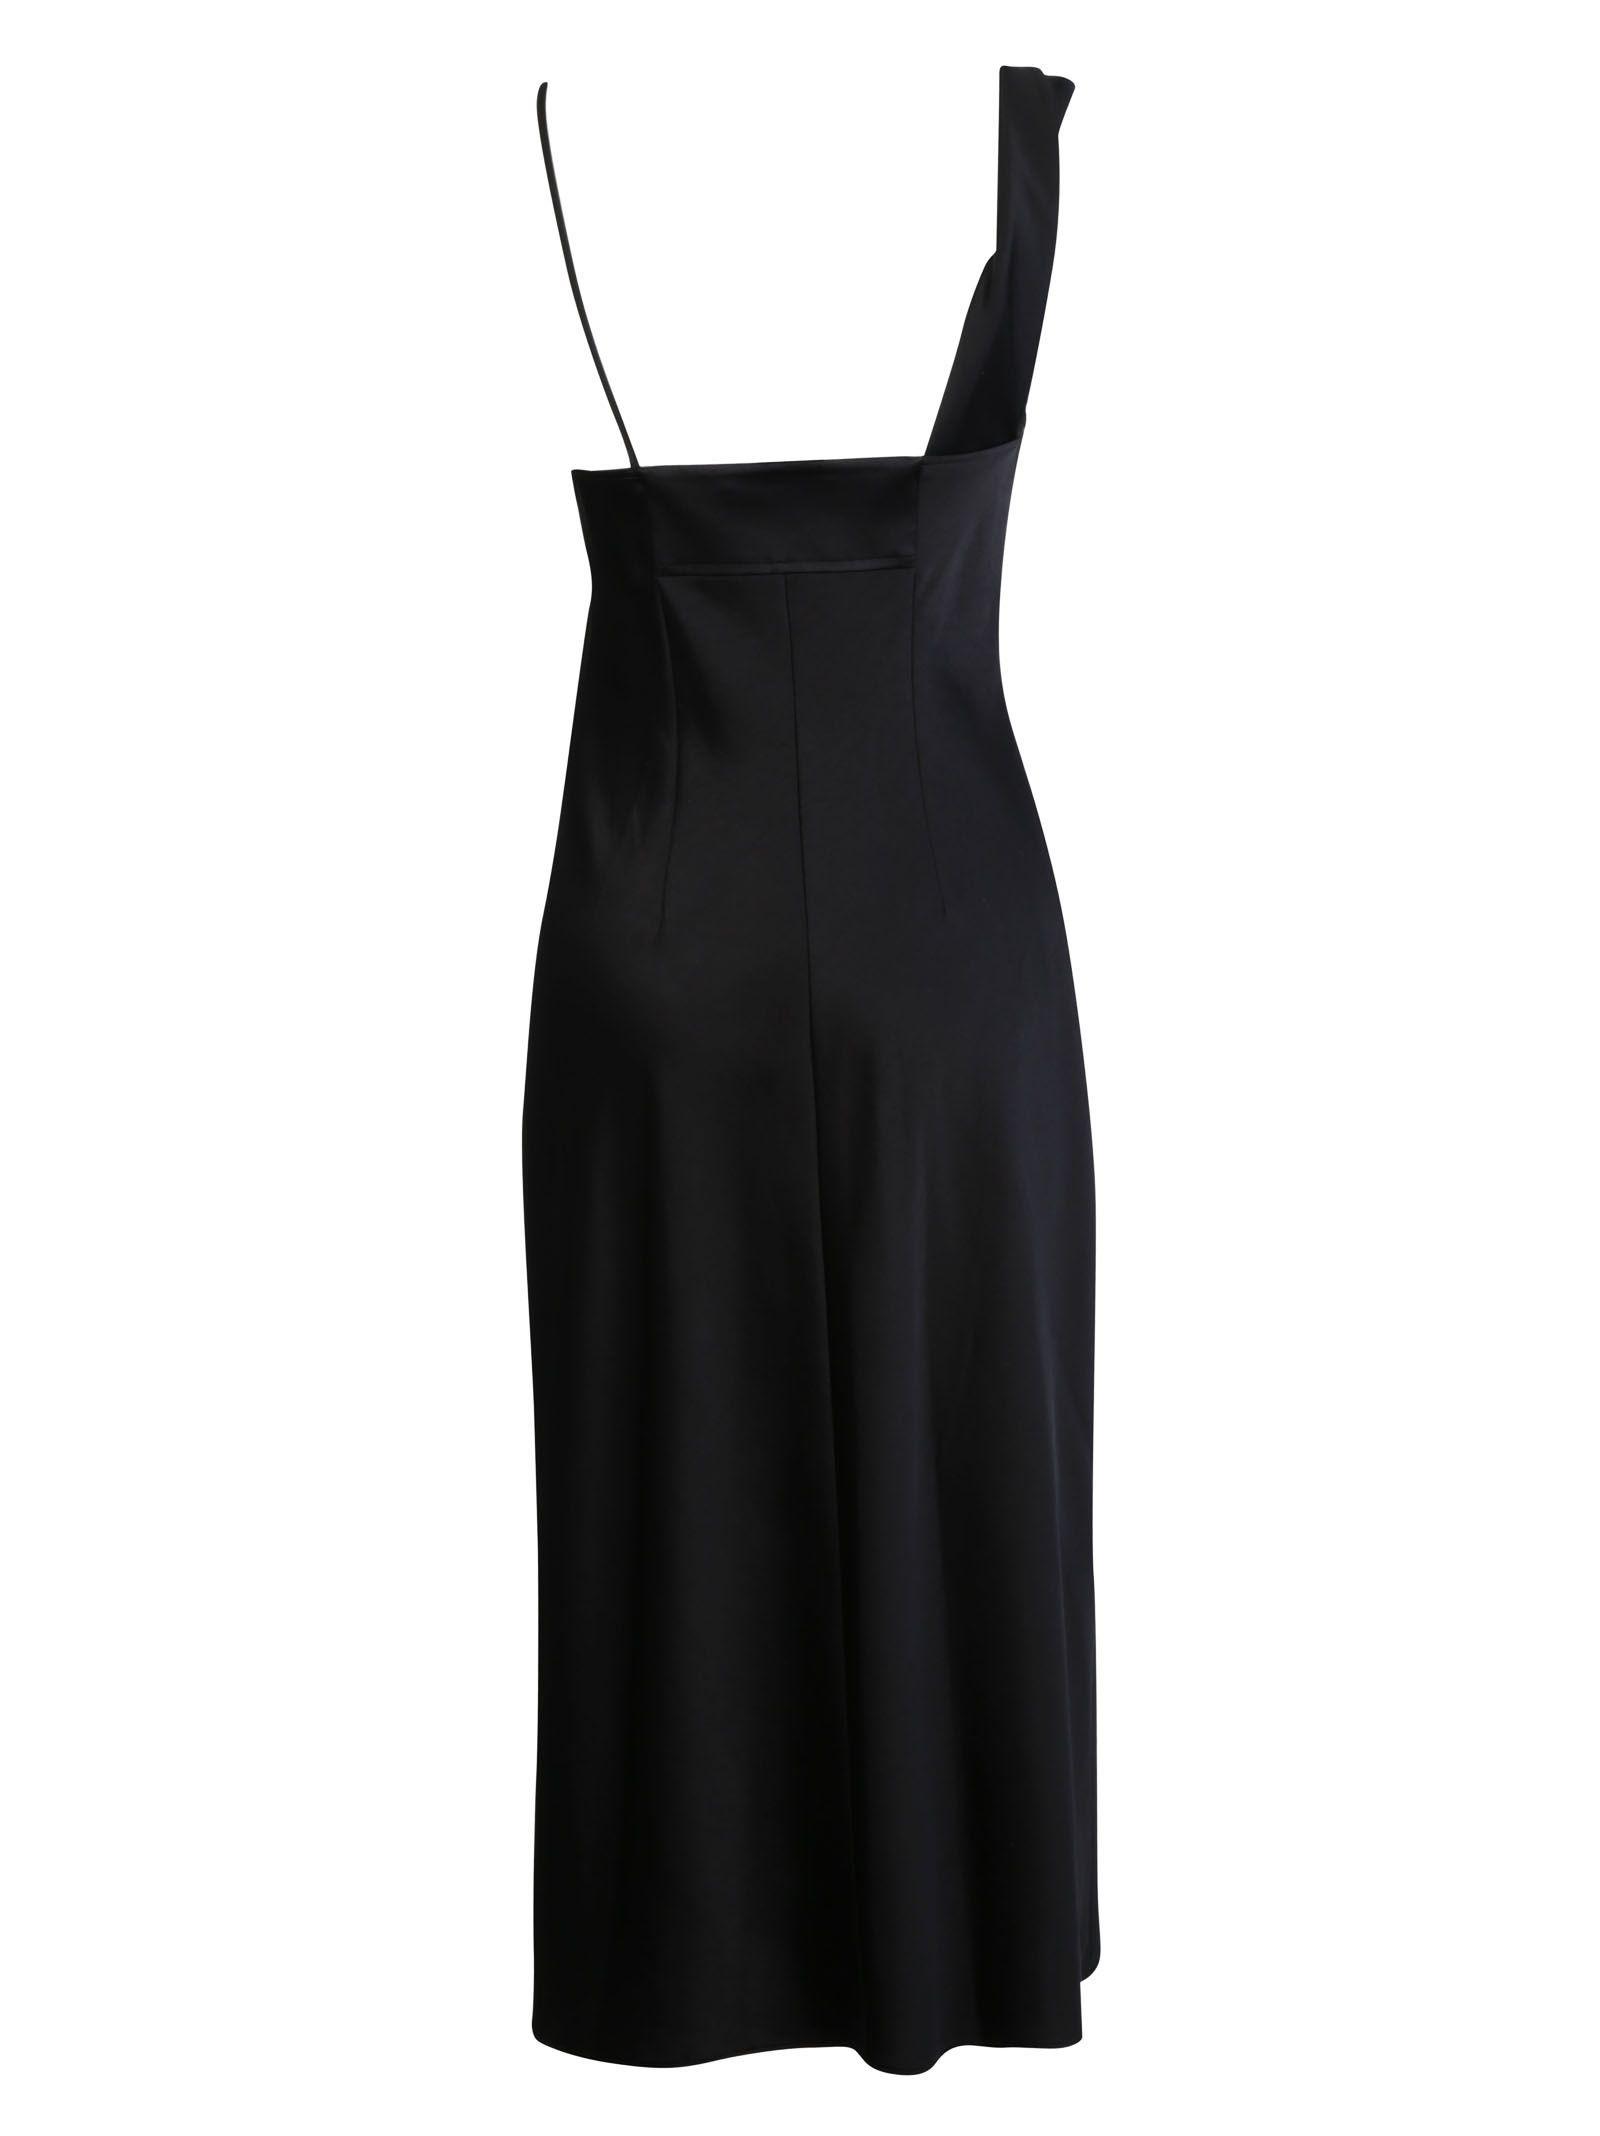 59aaf94dcea24 Alexander Wang Alexander Wang Asymmetric Slip Dress - Black ...